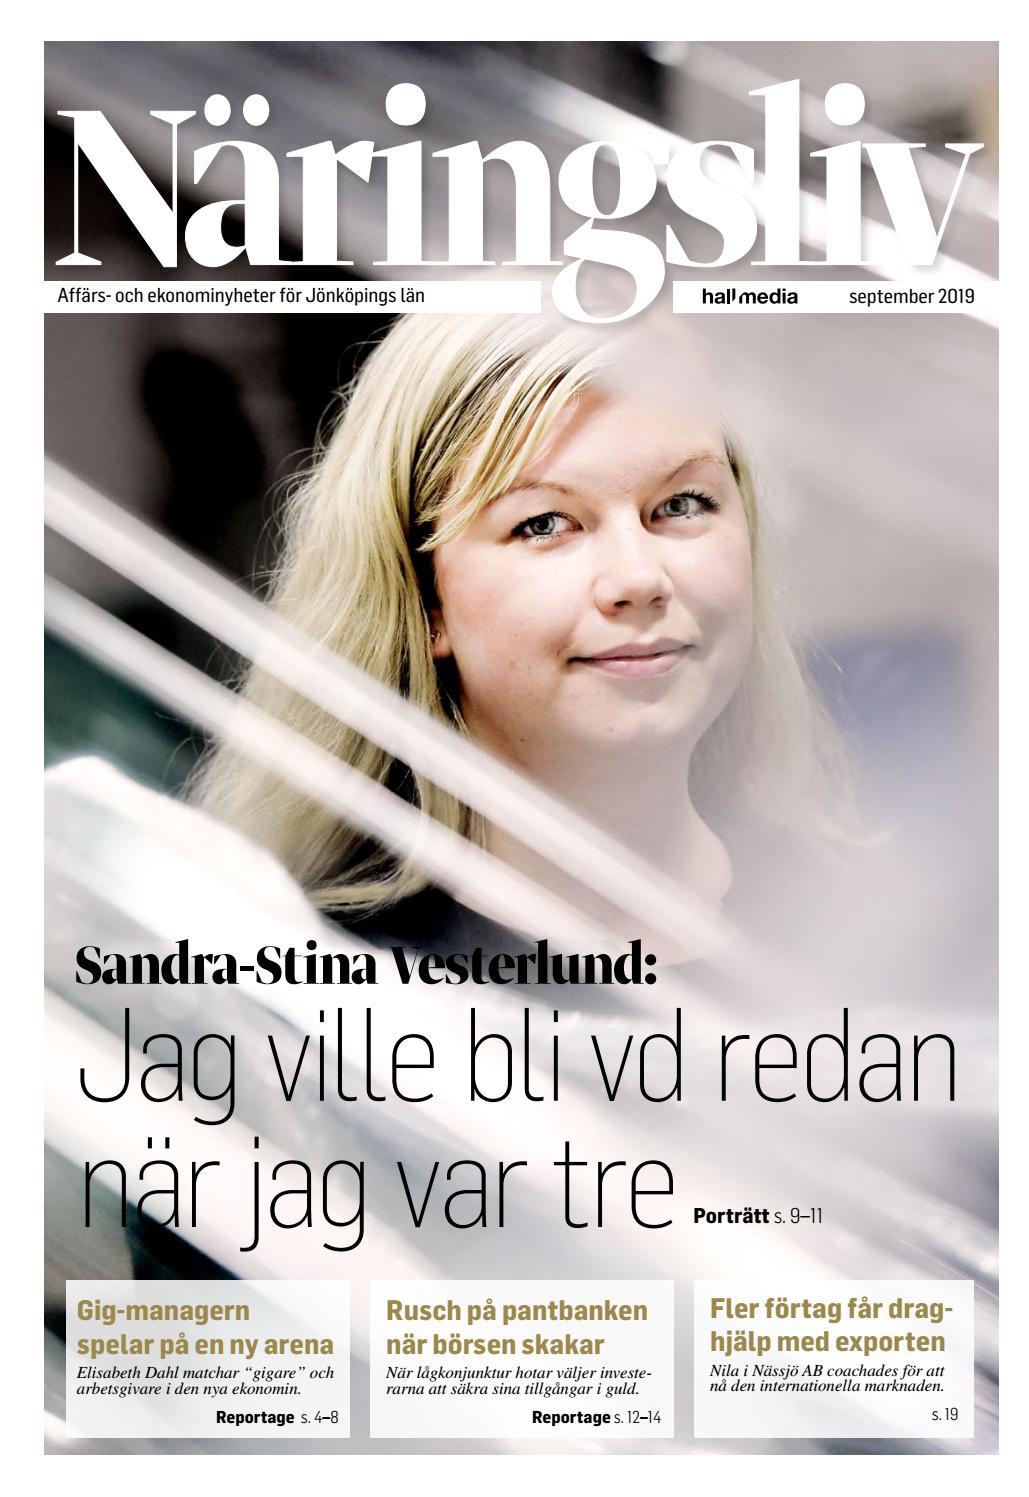 Gratis Pron Bbw Kata Tjejer Pa Kik Swingers Karlstad